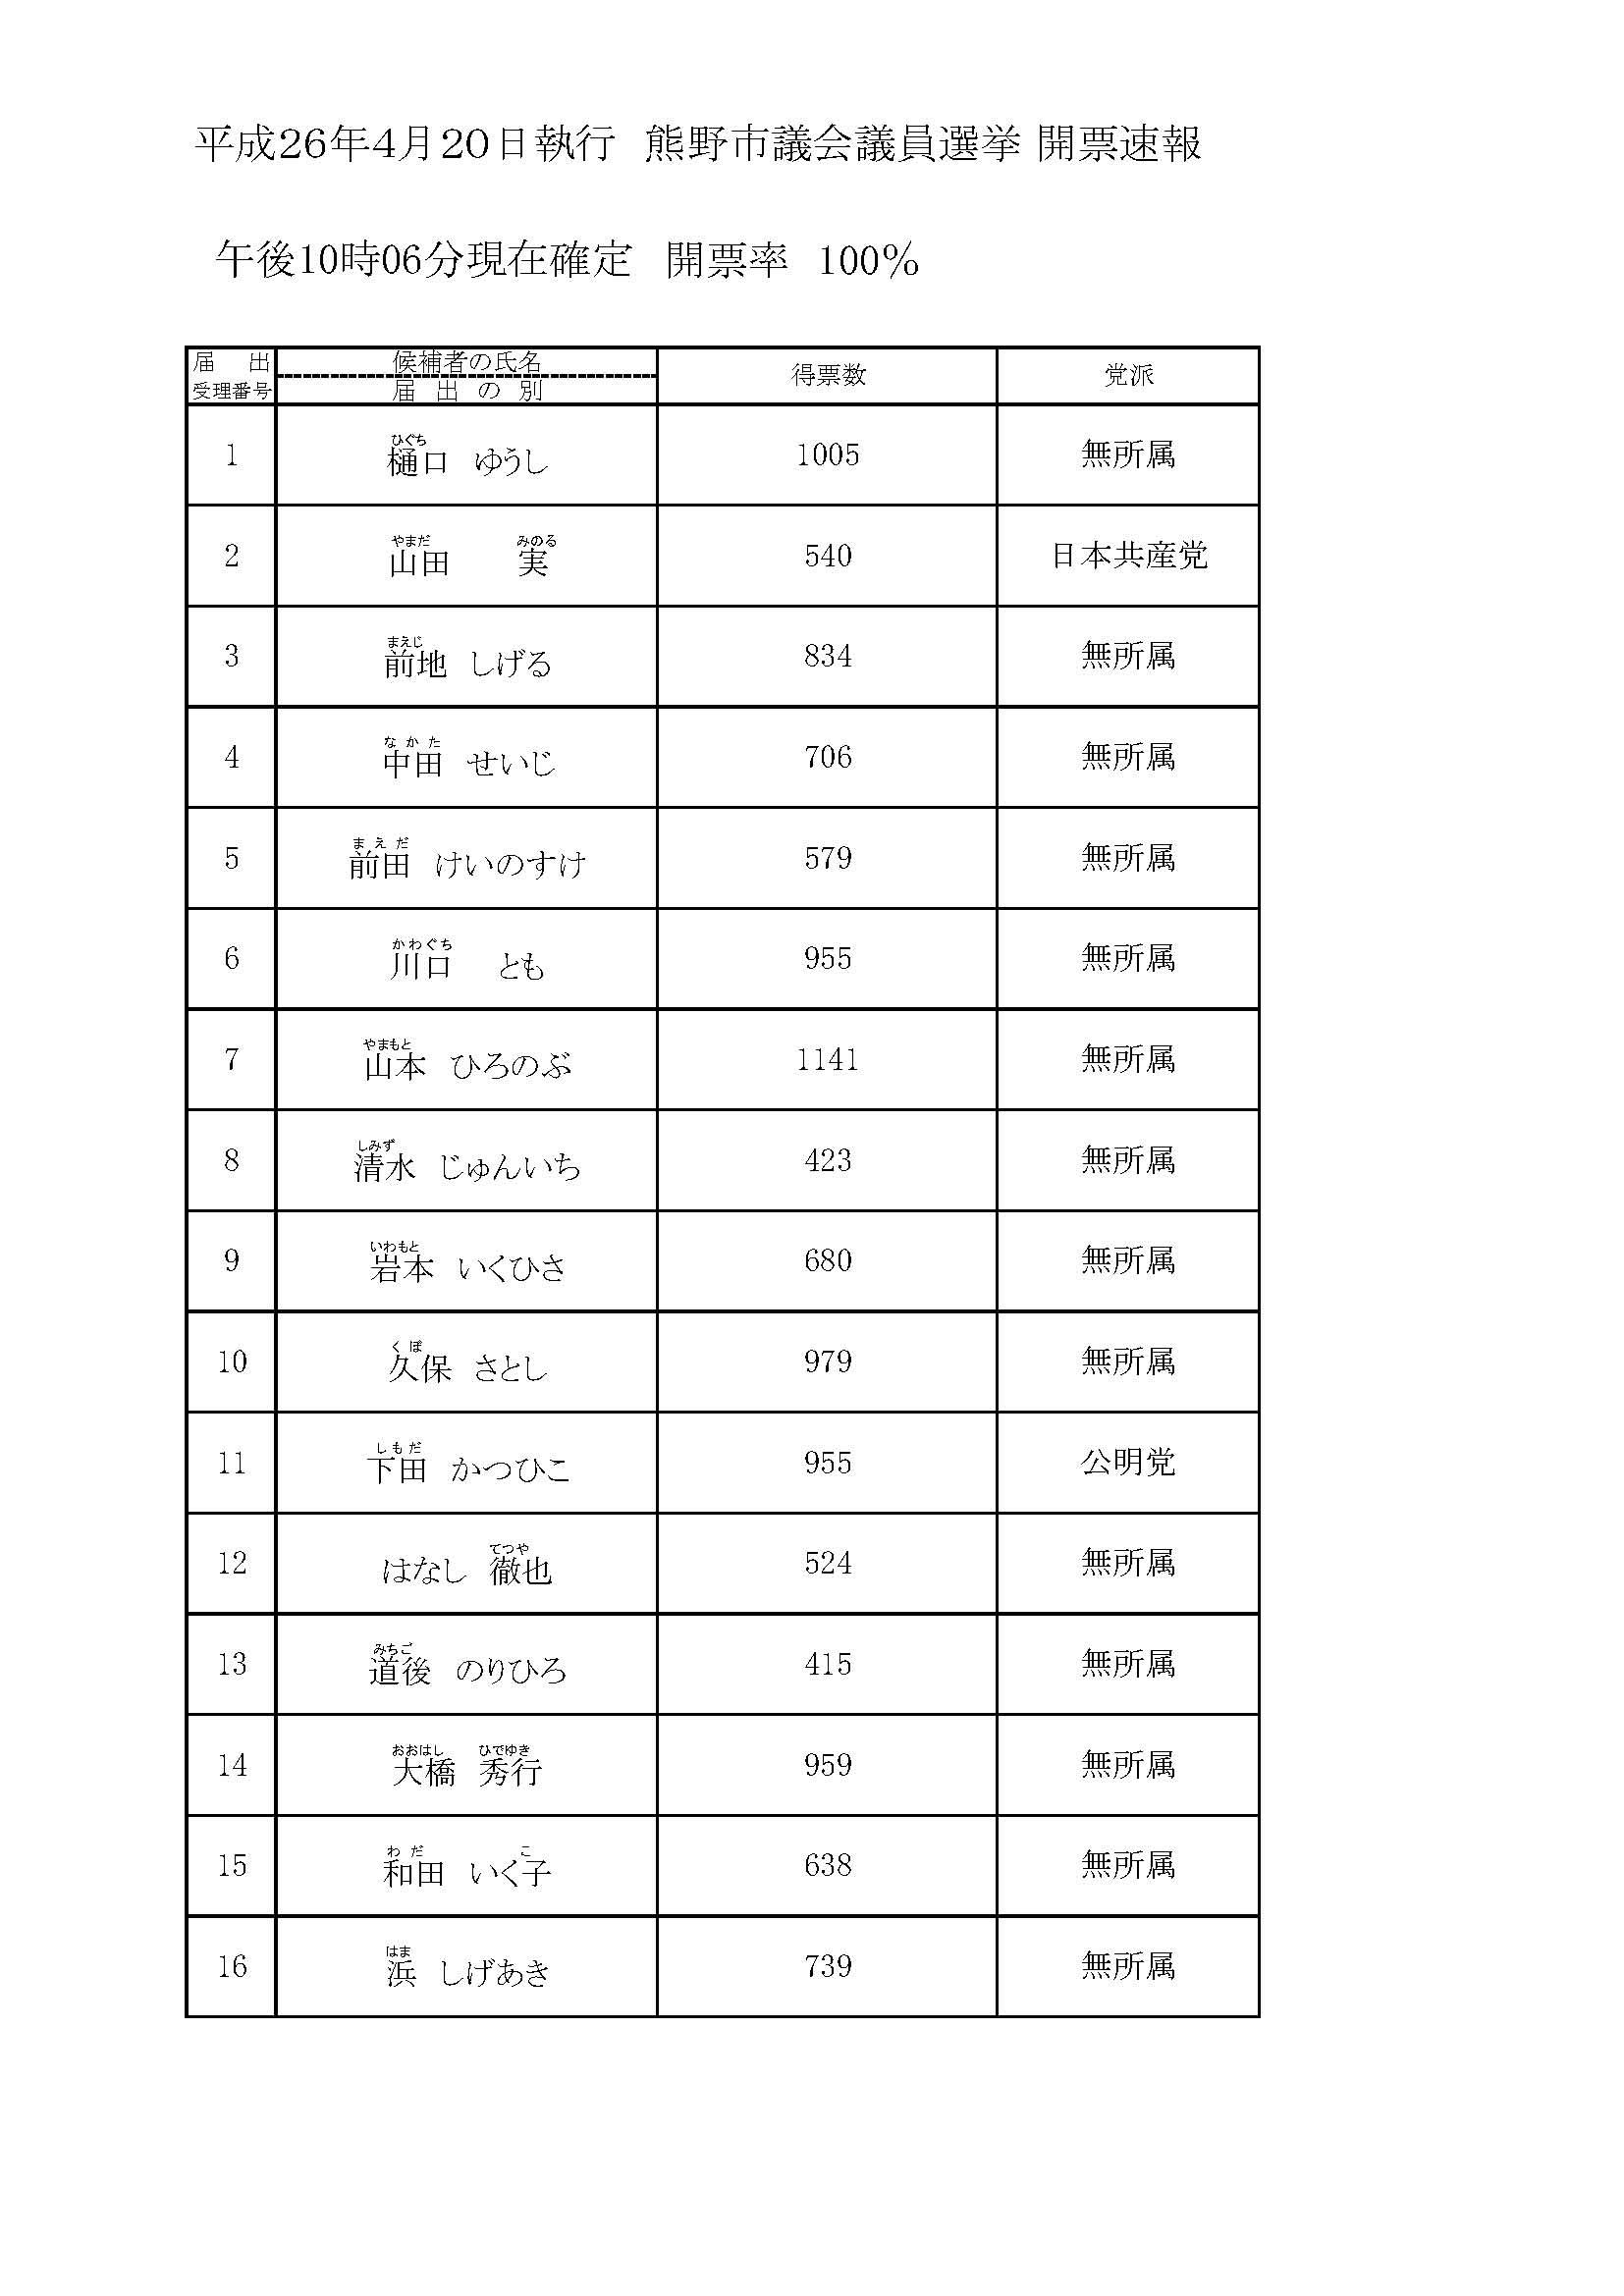 【熊野市議会議員選挙】はなし徹也、無事に当選しました。_c0010936_272685.jpg